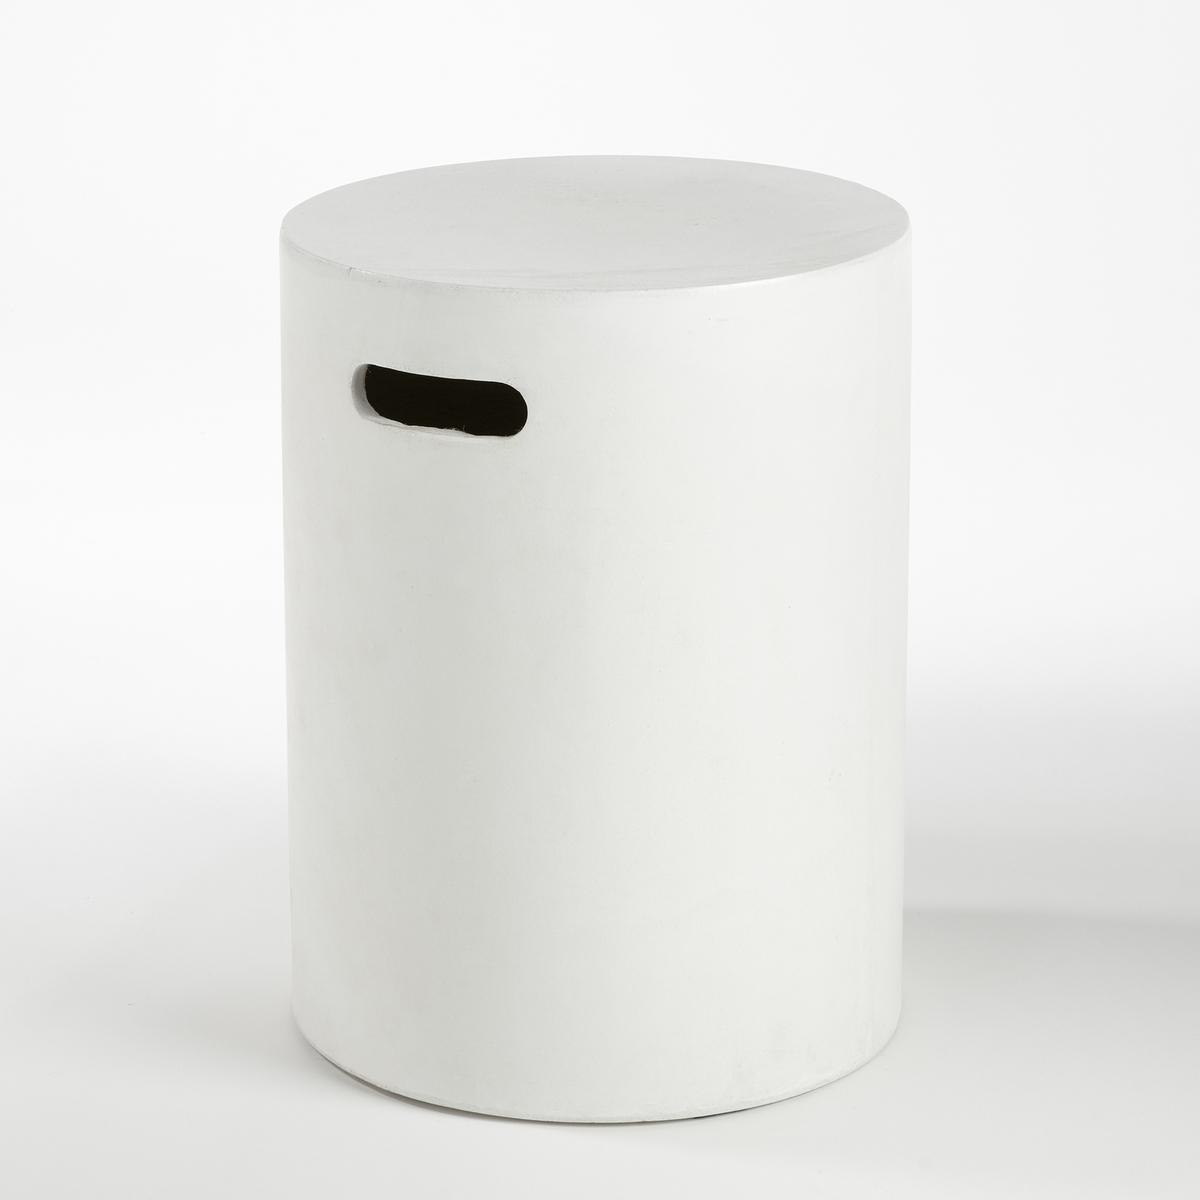 Журнальный столик Tatum, цементЦилиндрическая форма с ручкой позволяет с лёгкостью перемещать этот журнальный столик,    а благодаря материалу с ним ничего не случится на открытом воздухе..            Из цемента (цвет неоднородный). ?35, В. 45 см.<br><br>Цвет: белый,серый бетонный<br>Размер: единый размер